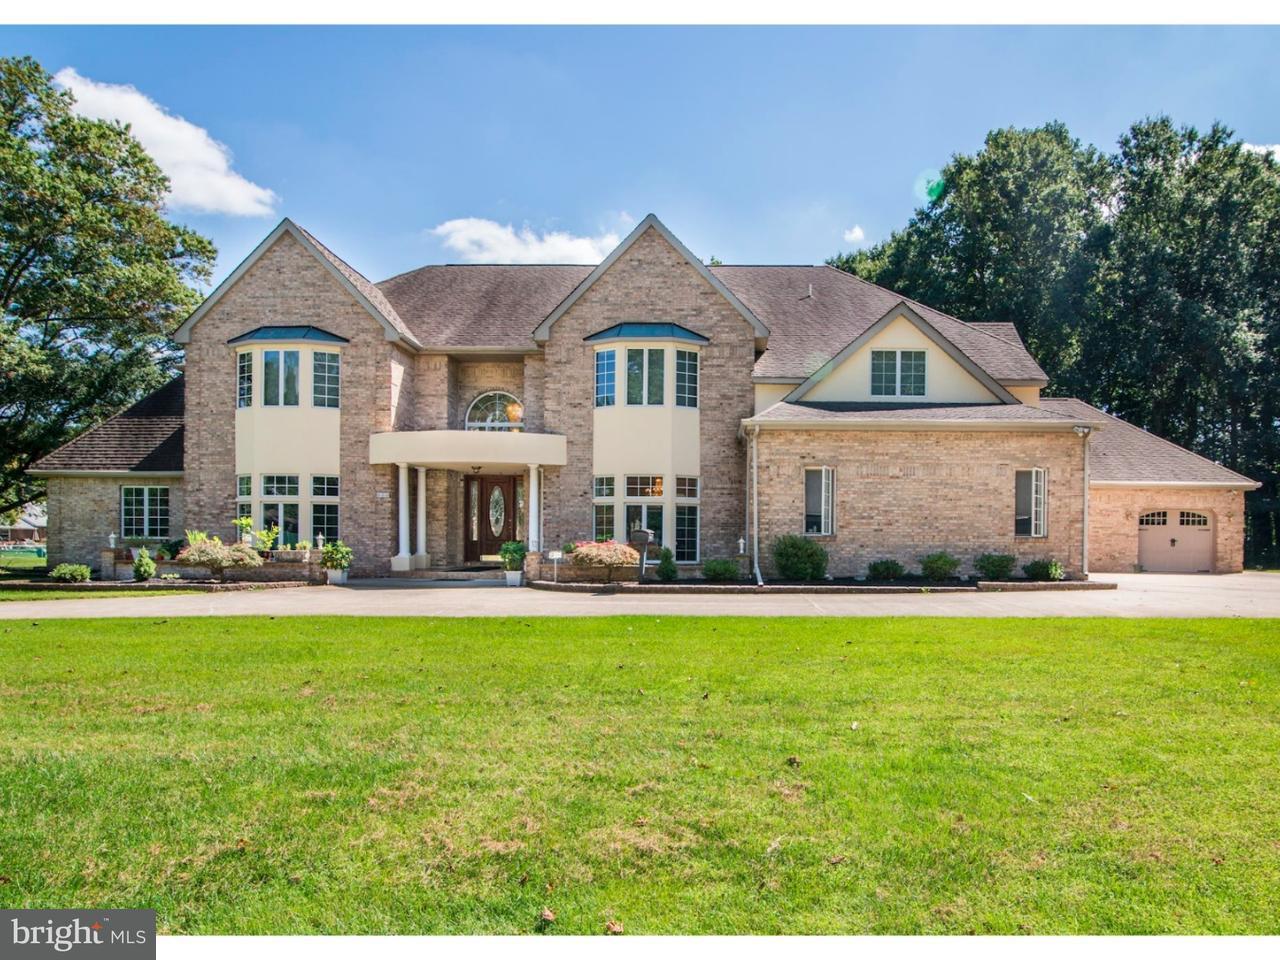 Частный односемейный дом для того Продажа на 220 N RIVER Drive Pennsville, Нью-Джерси 08070 Соединенные Штаты